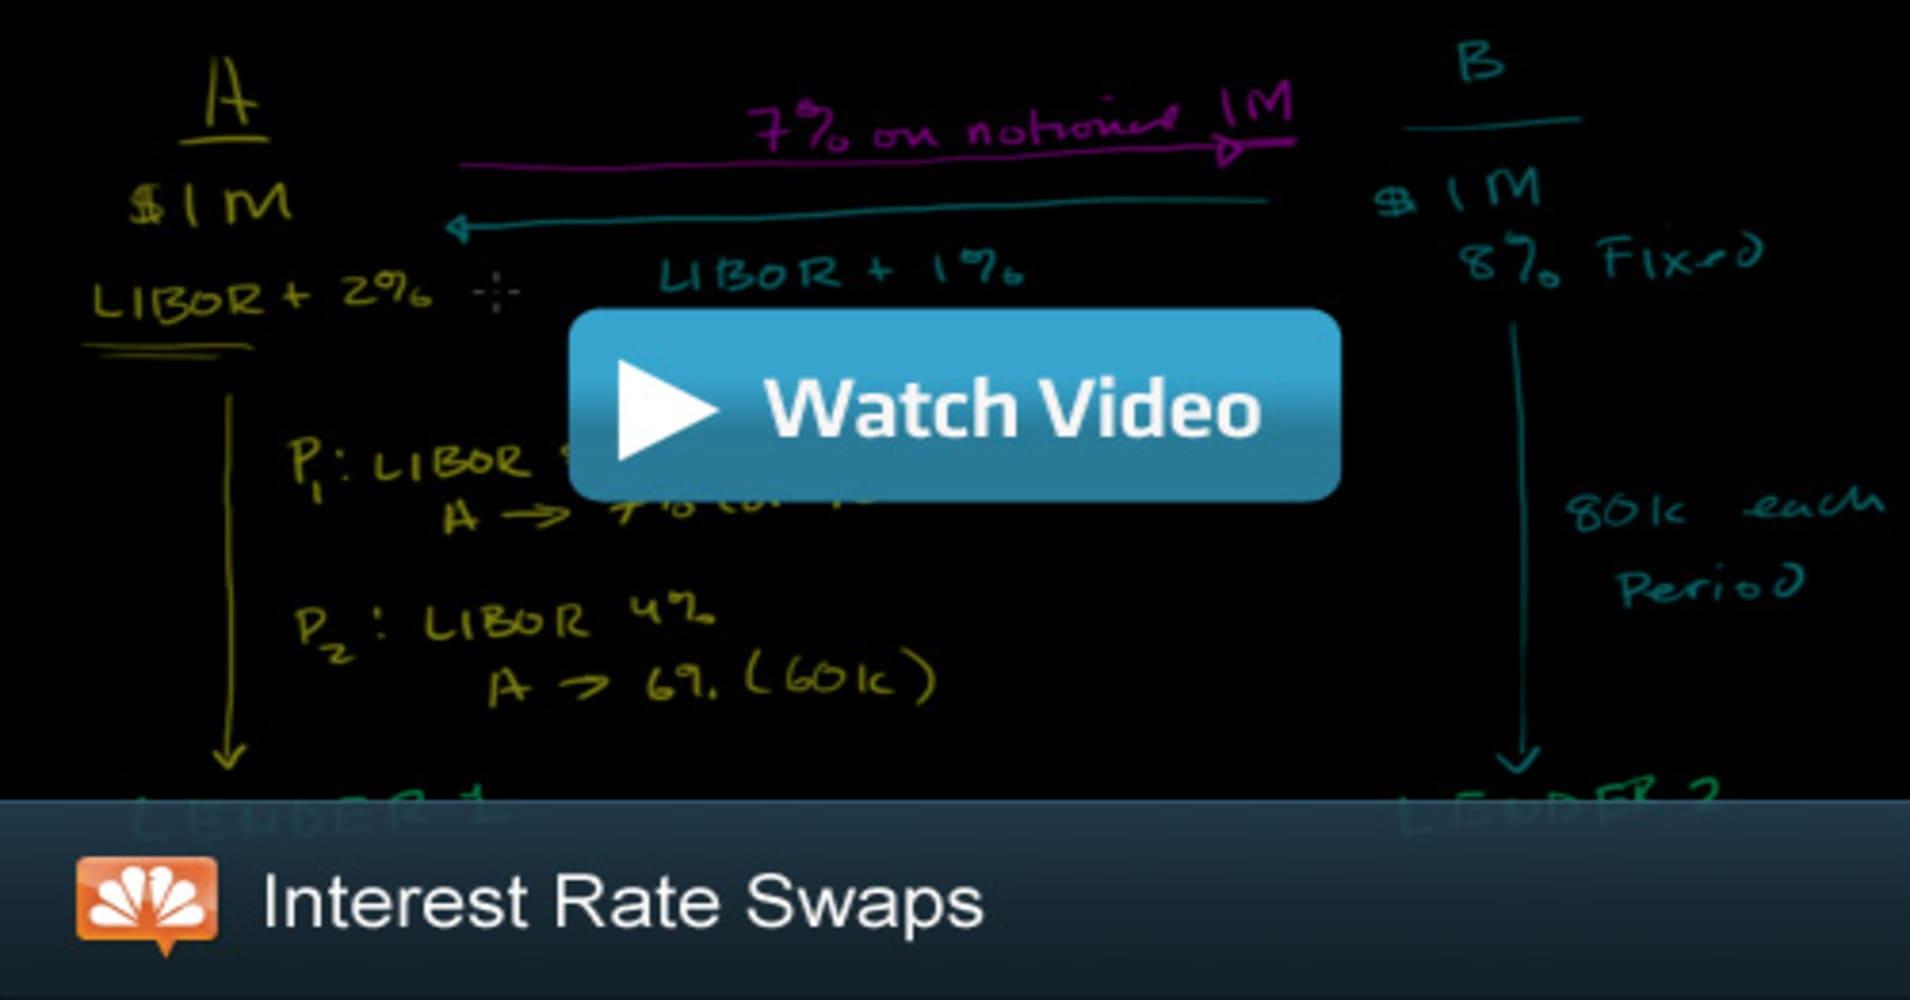 Interest Rate Swaps Cnbc Explains